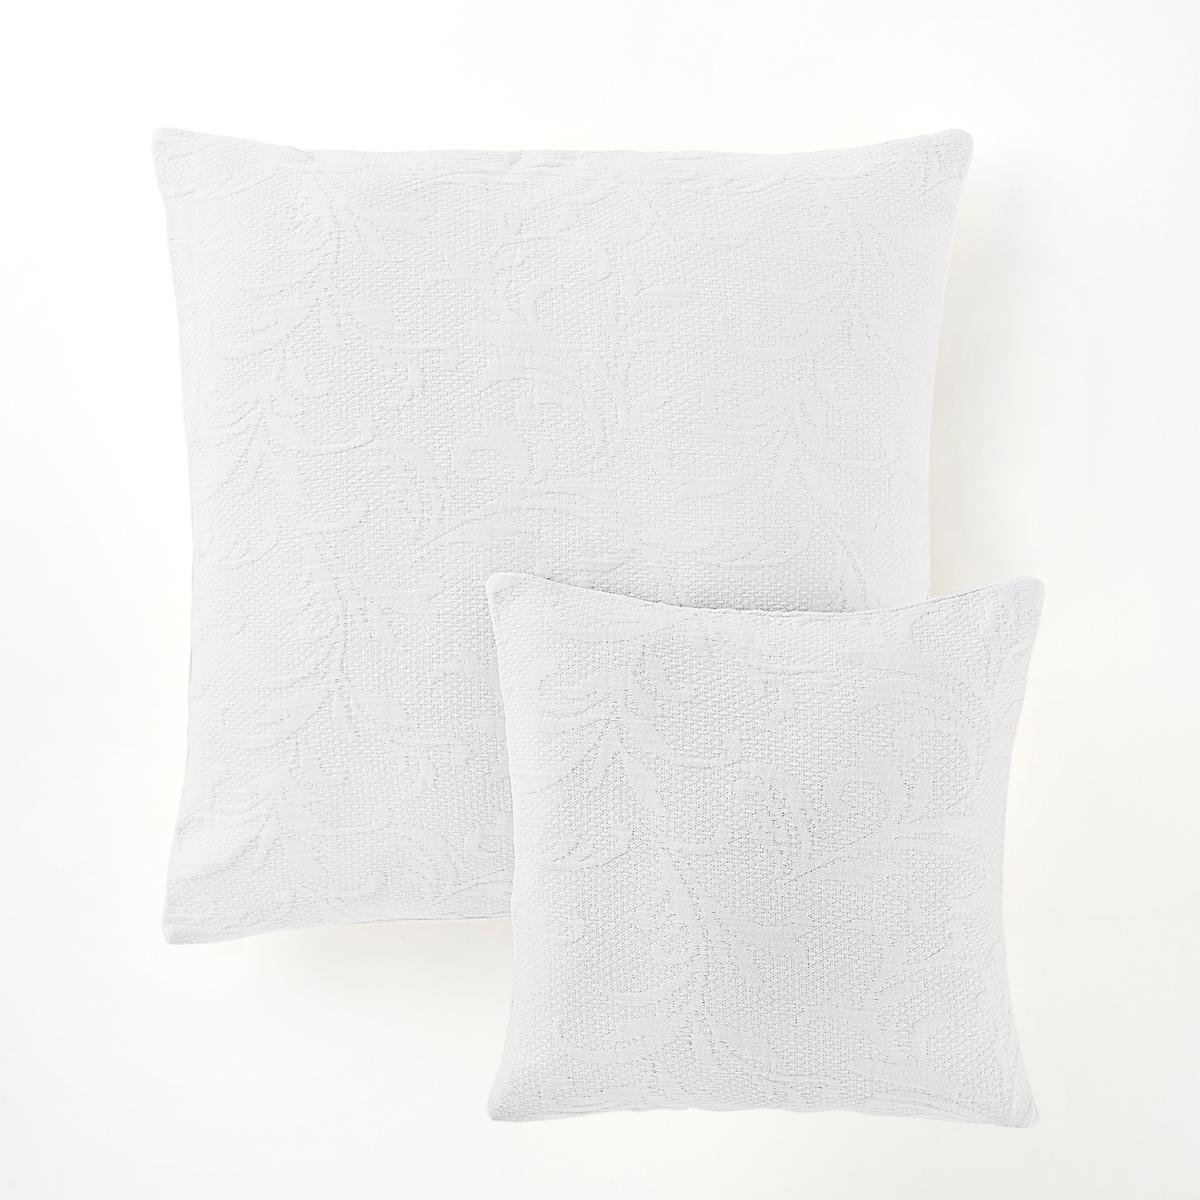 Наволочка на подушку-валик или подушку, Acanthe